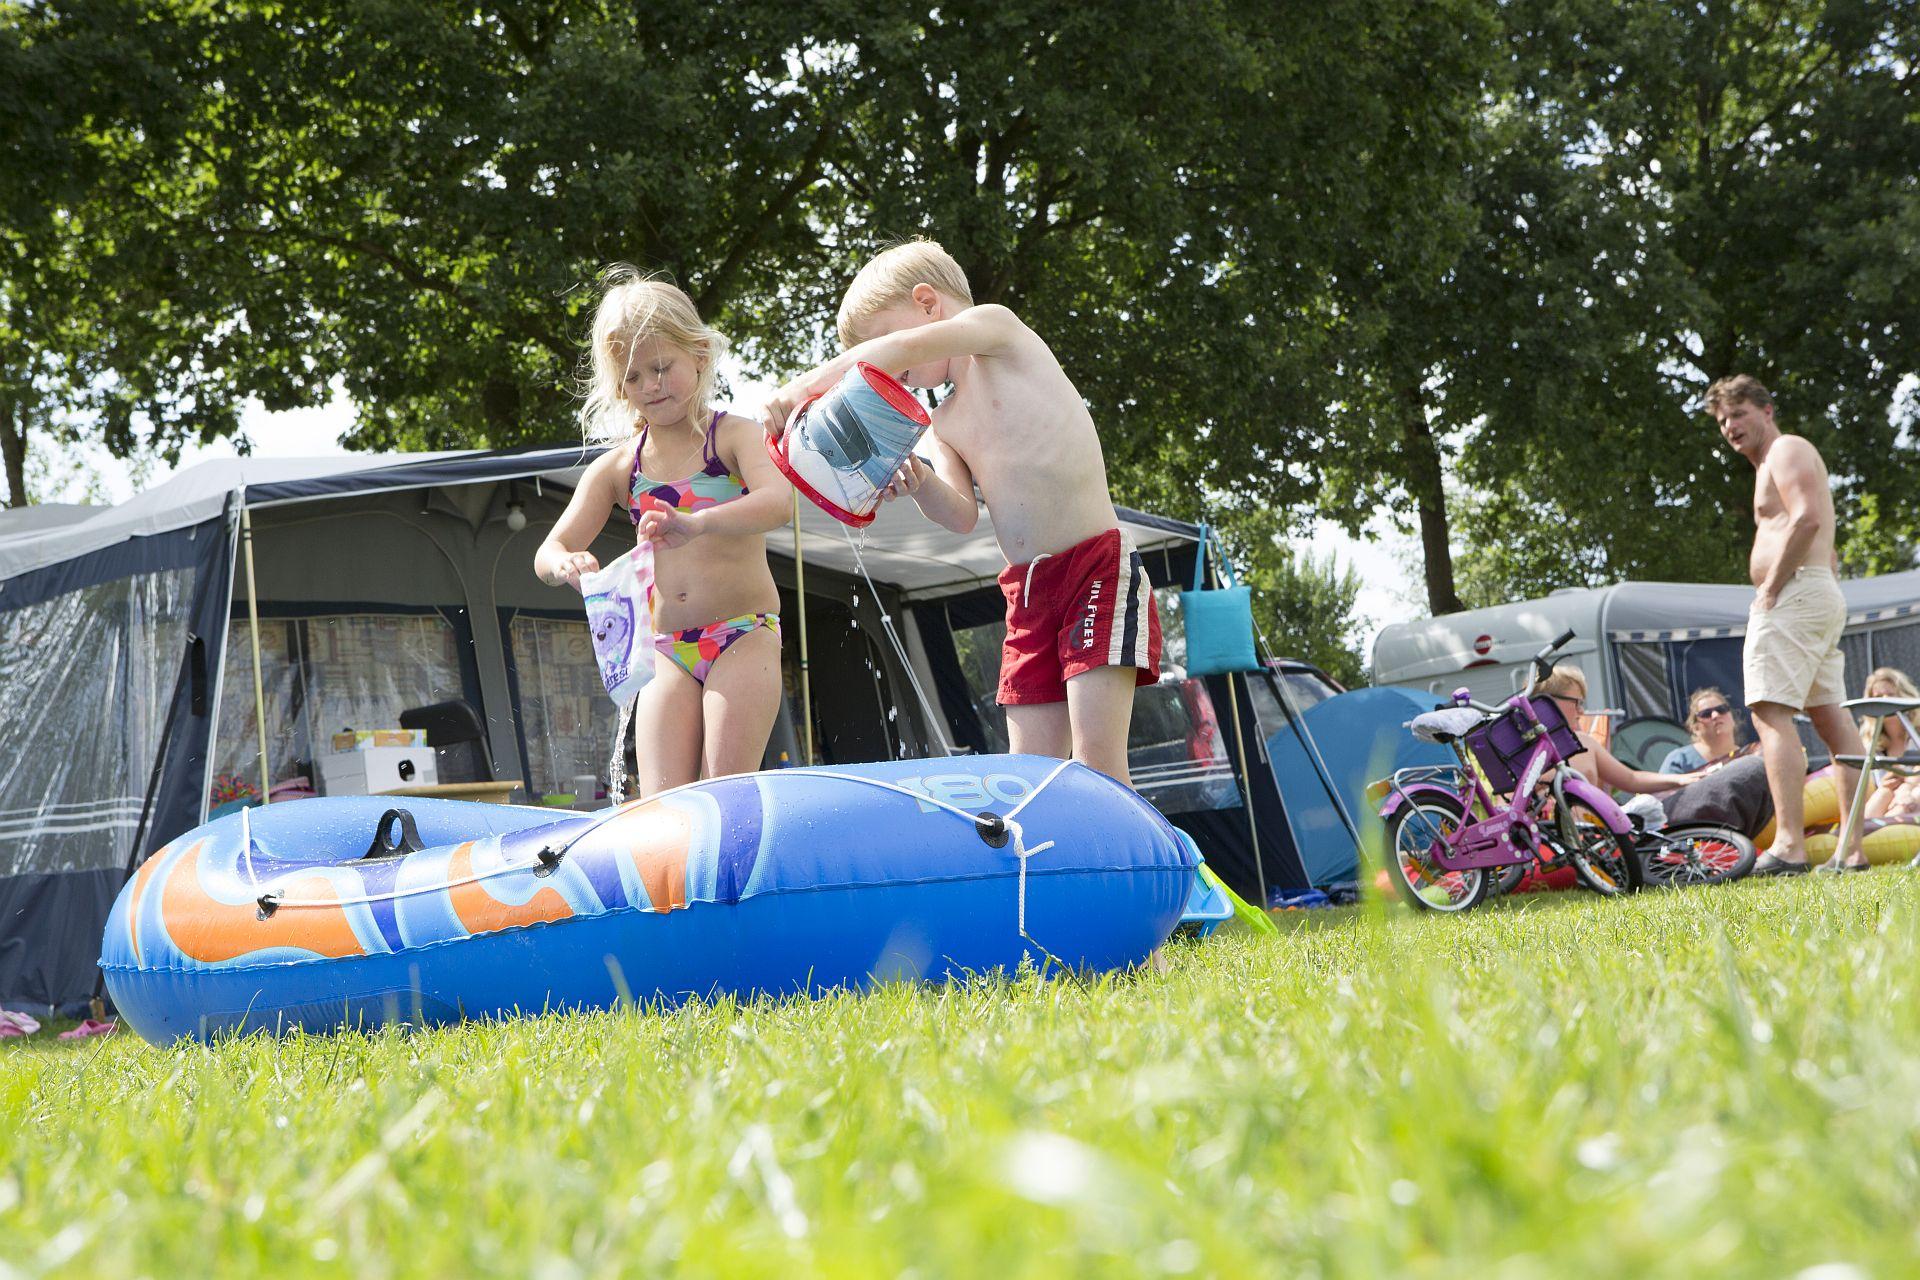 ACSI camping in Overijssel met 5 sterren voorzieningen - Top ACSI camping in Overijssel